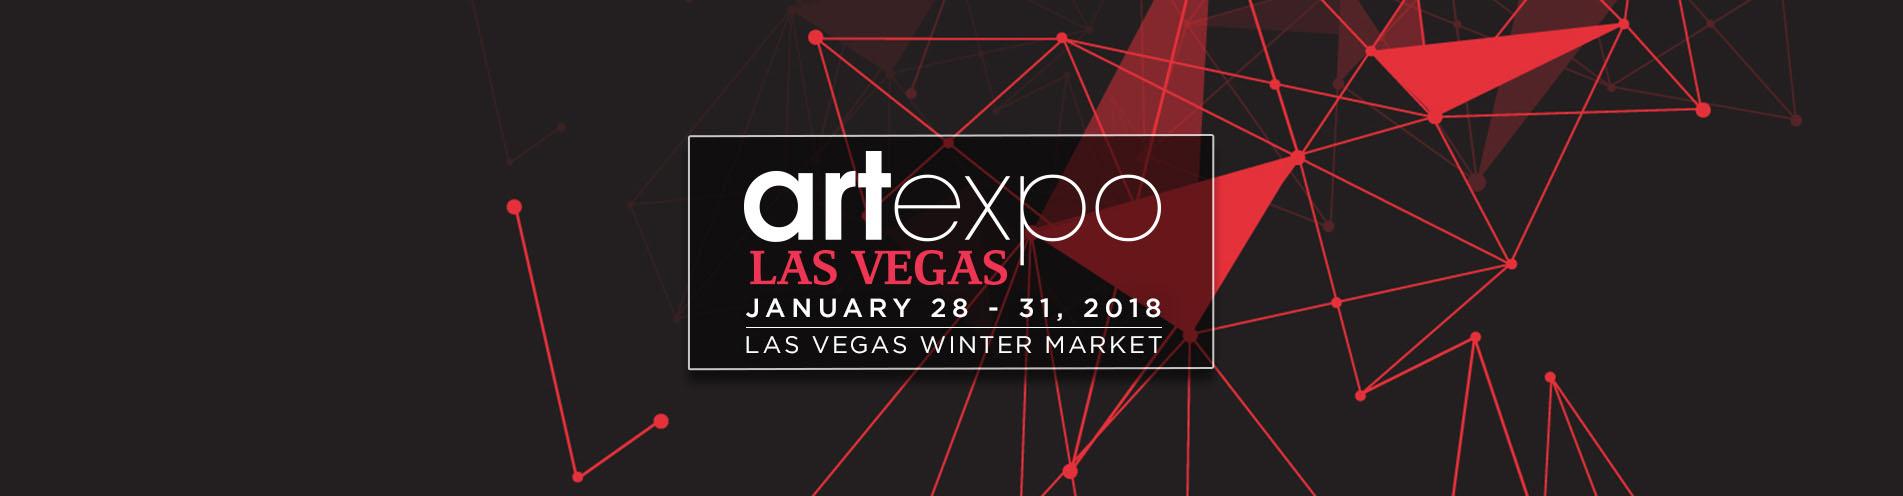 Artexpo Las Vegas 2018